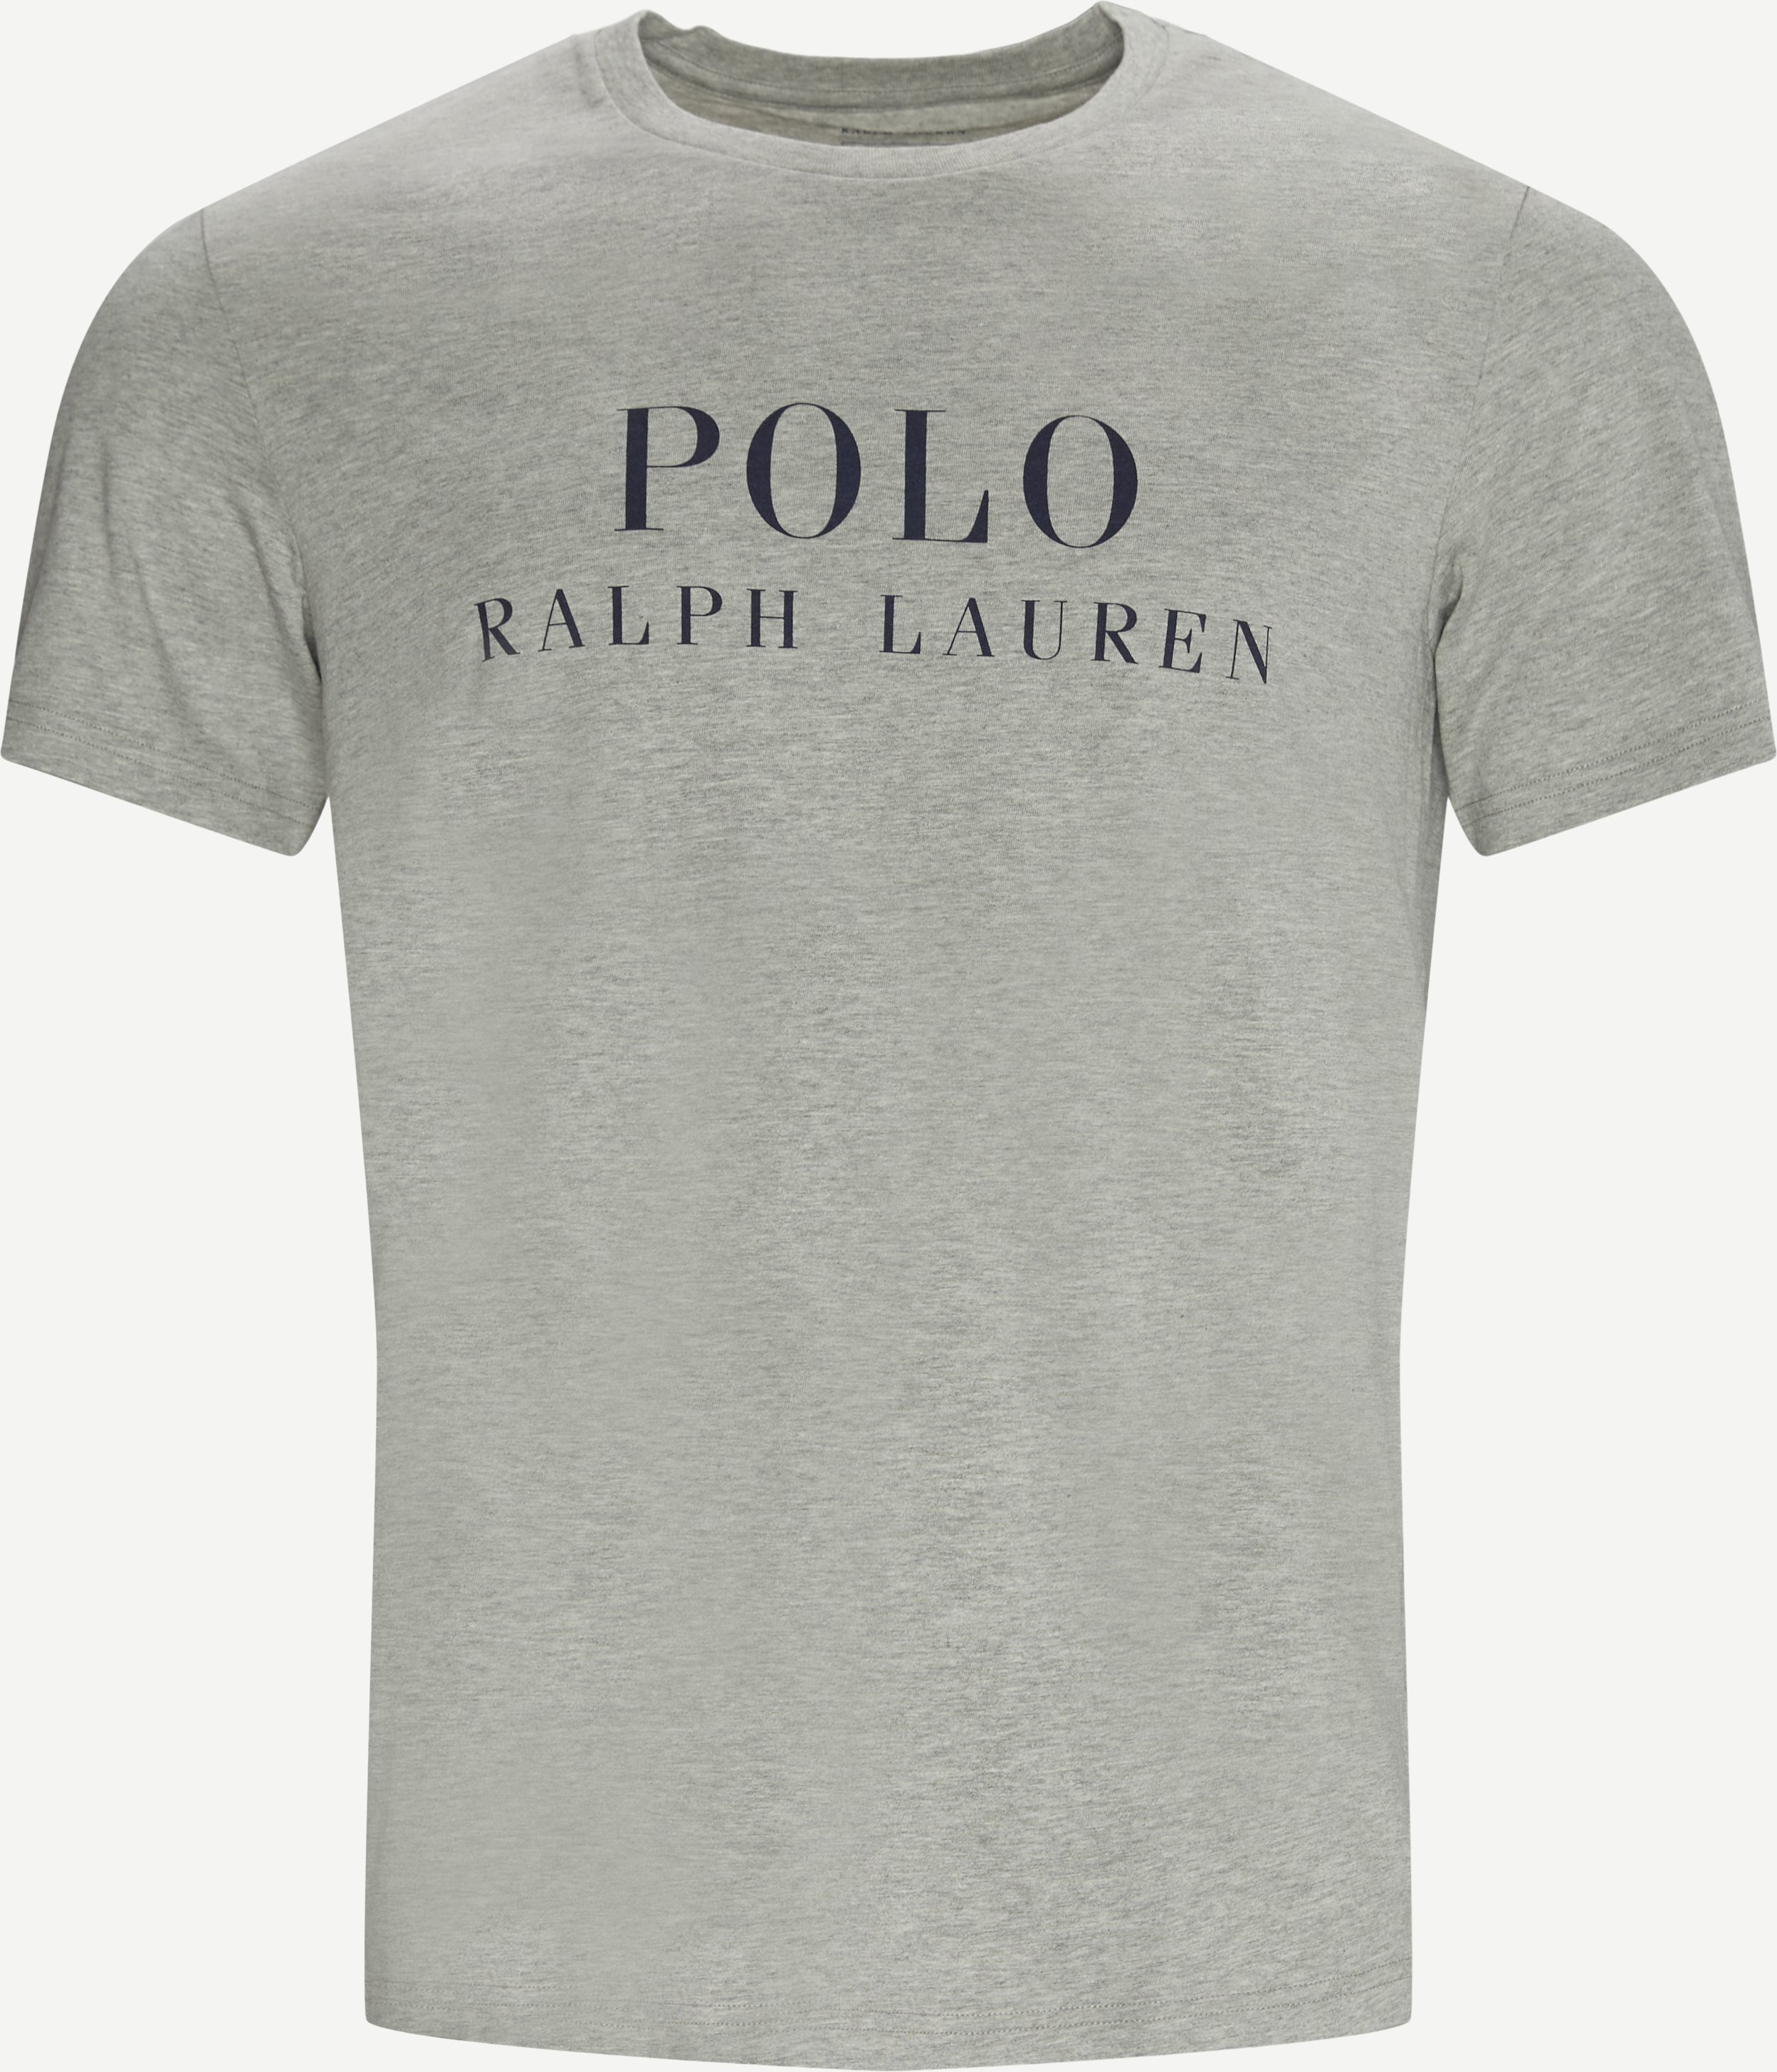 Printet Crew Neck T-shirt - T-shirts - Regular fit - Grå